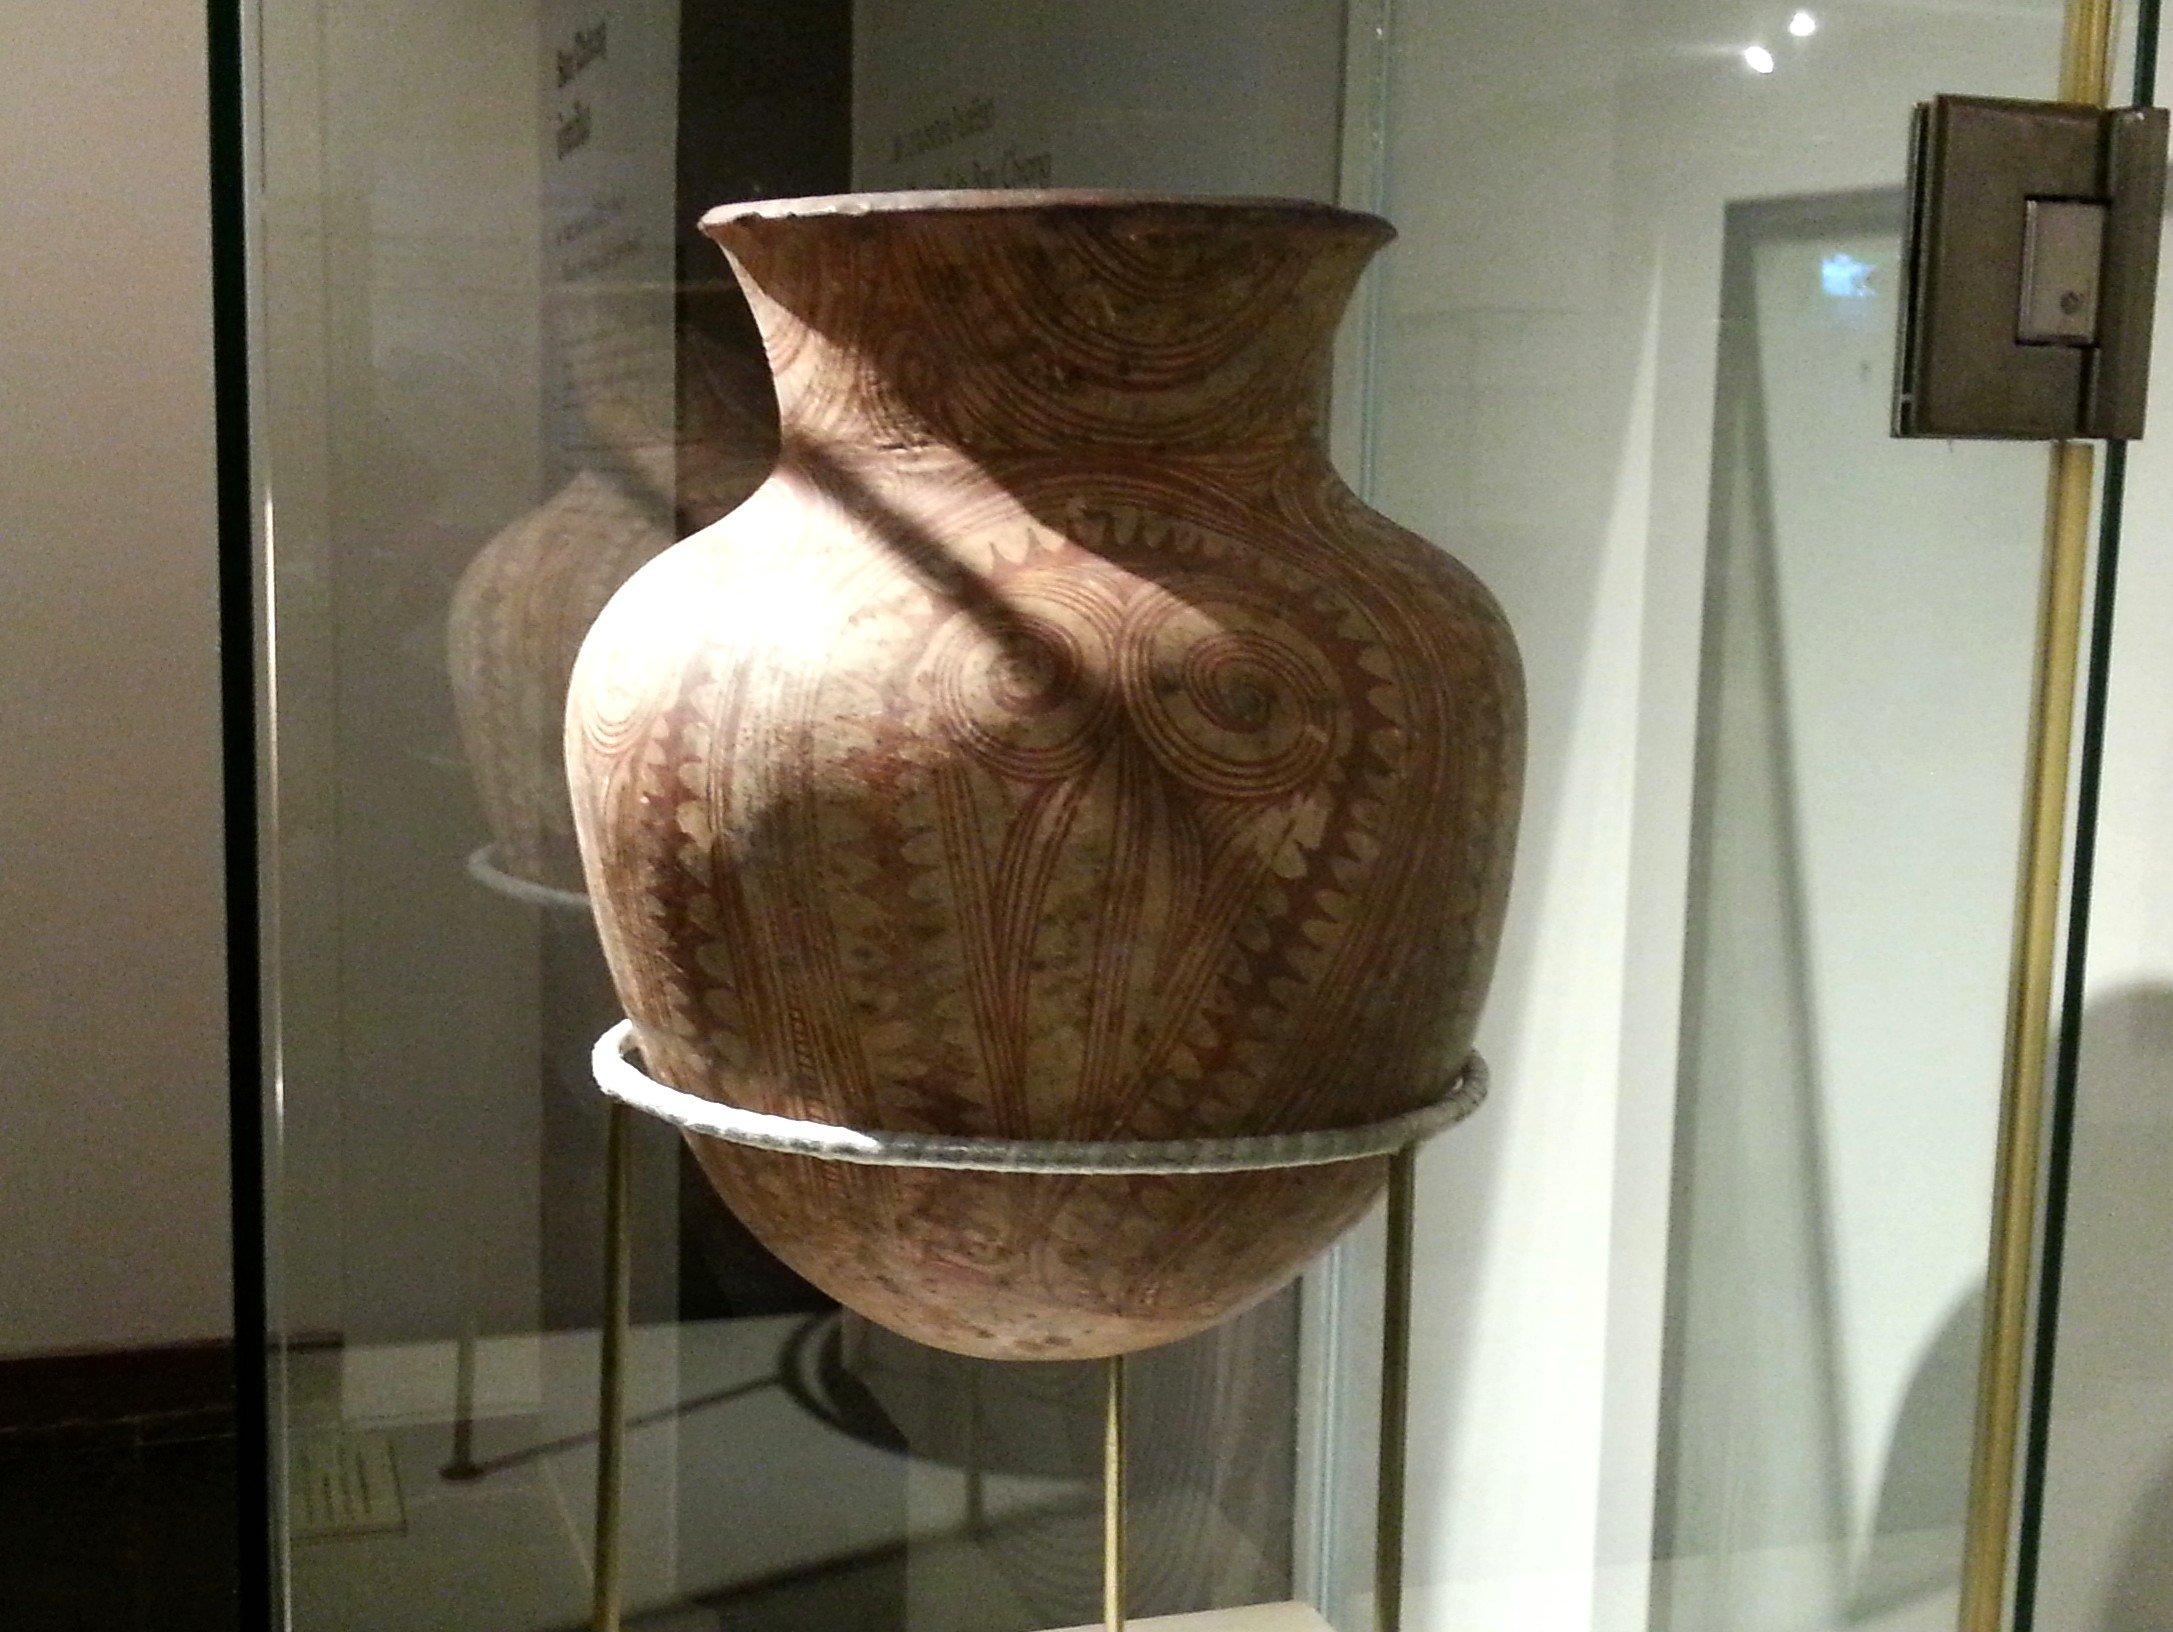 Elaborately decorated jar found at Ban Chiang